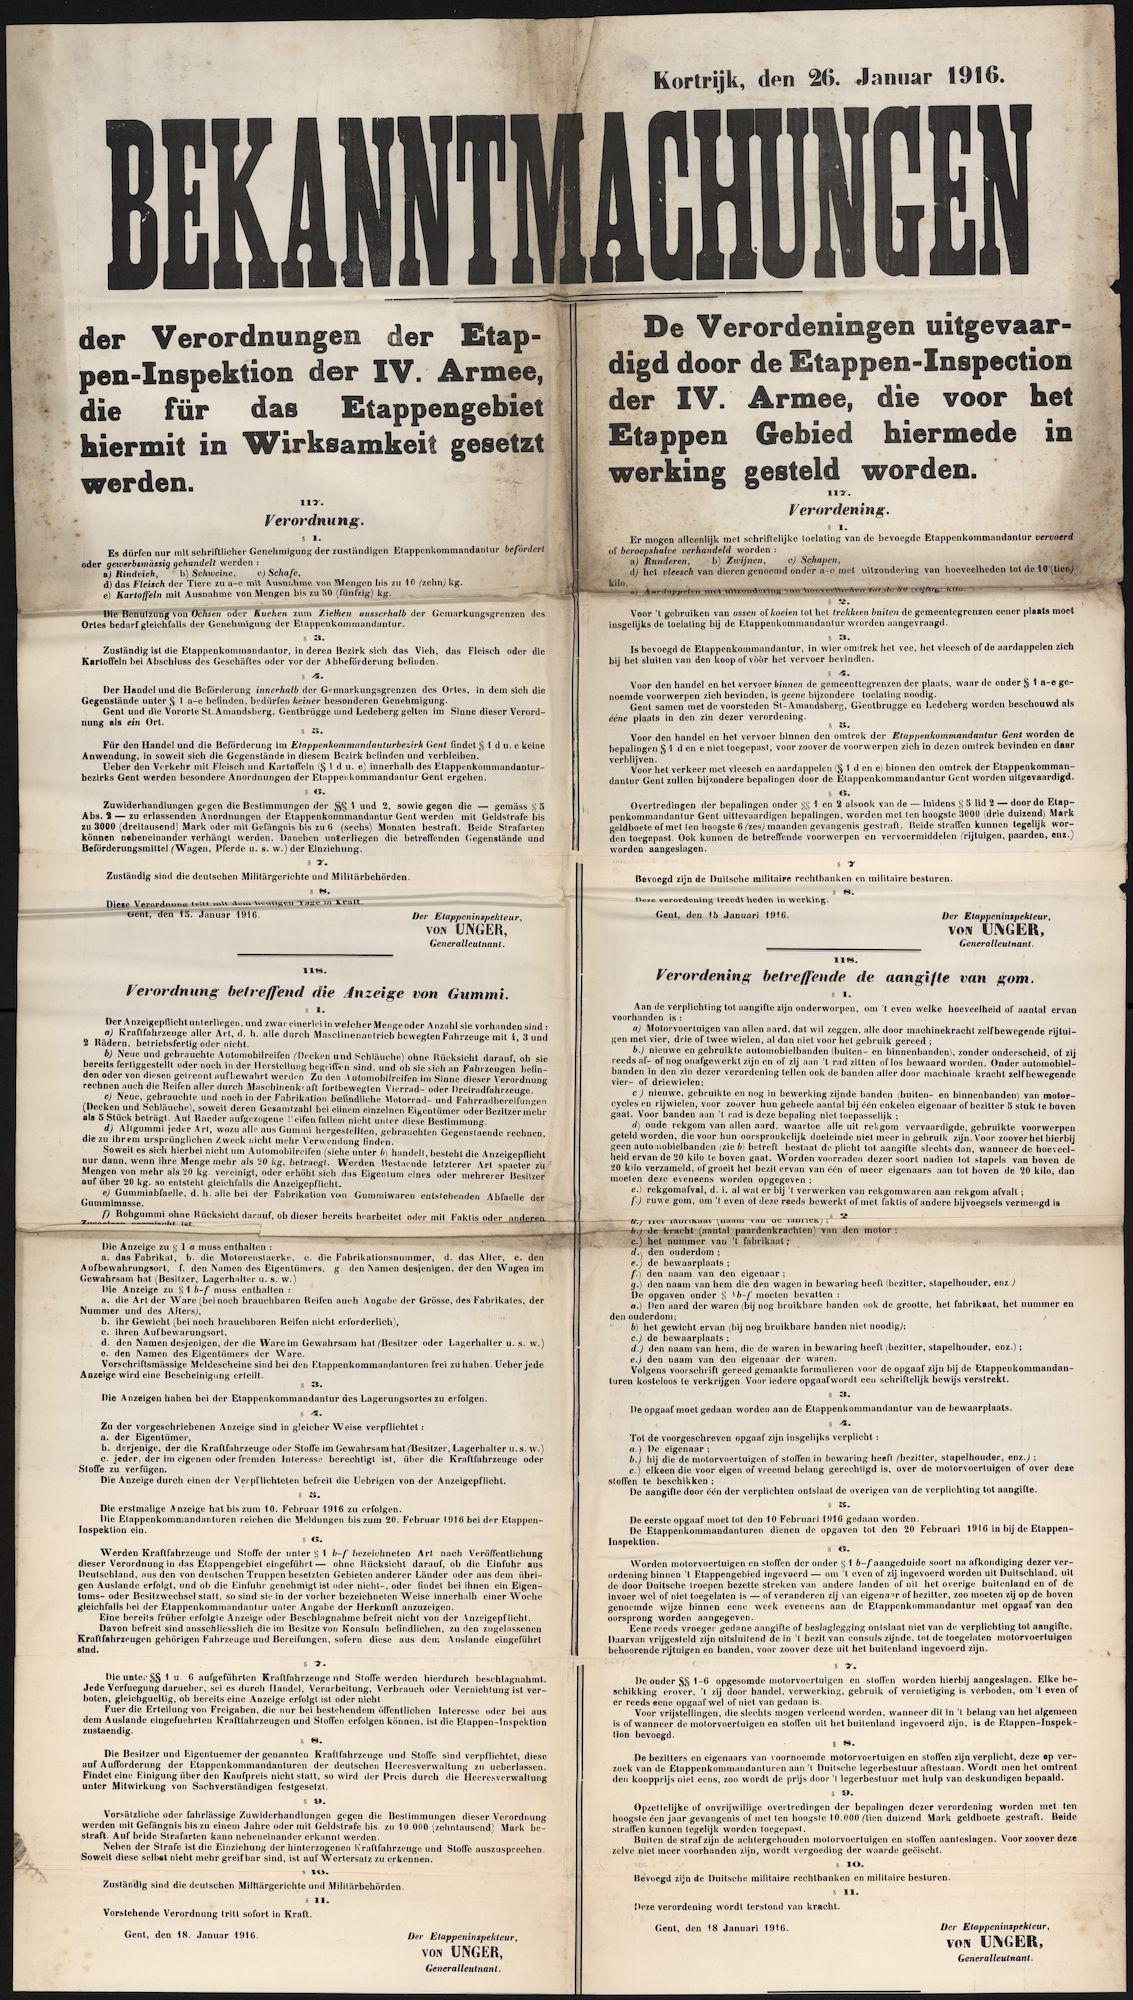 Tekstaffiche_WO1 (83).tif